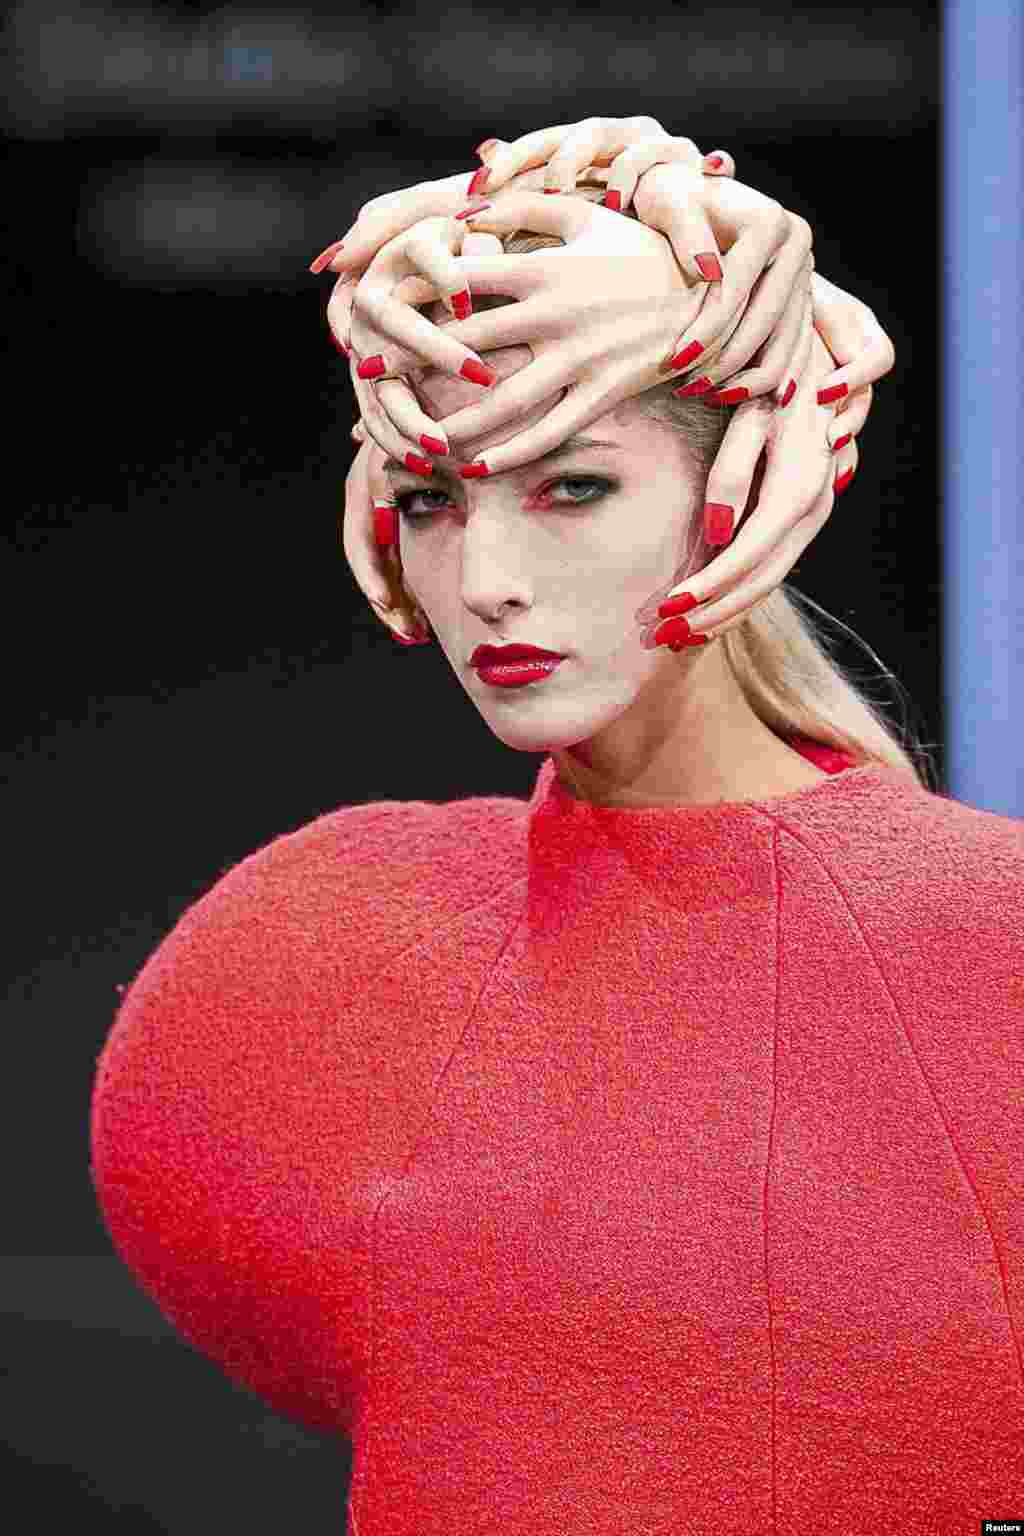 អ្នកបង្ហាញម៉ូតម្នាក់បង្ហាញស្នាដៃច្នៃប្រឌិតដោយសិល្បករ Anita Zmurko-Sieradzka នៅក្នុងកម្មវិធីបង្ហាញម៉ូត «Fashionable East - Fashion Week» នៅក្នុងទីក្រុង Bialystok ភាគខាងកើតនៃប្រទេសប៉ូឡូញ កាលពីថ្ងៃទី១ ខែសីហា ឆ្នាំ២០១៥។